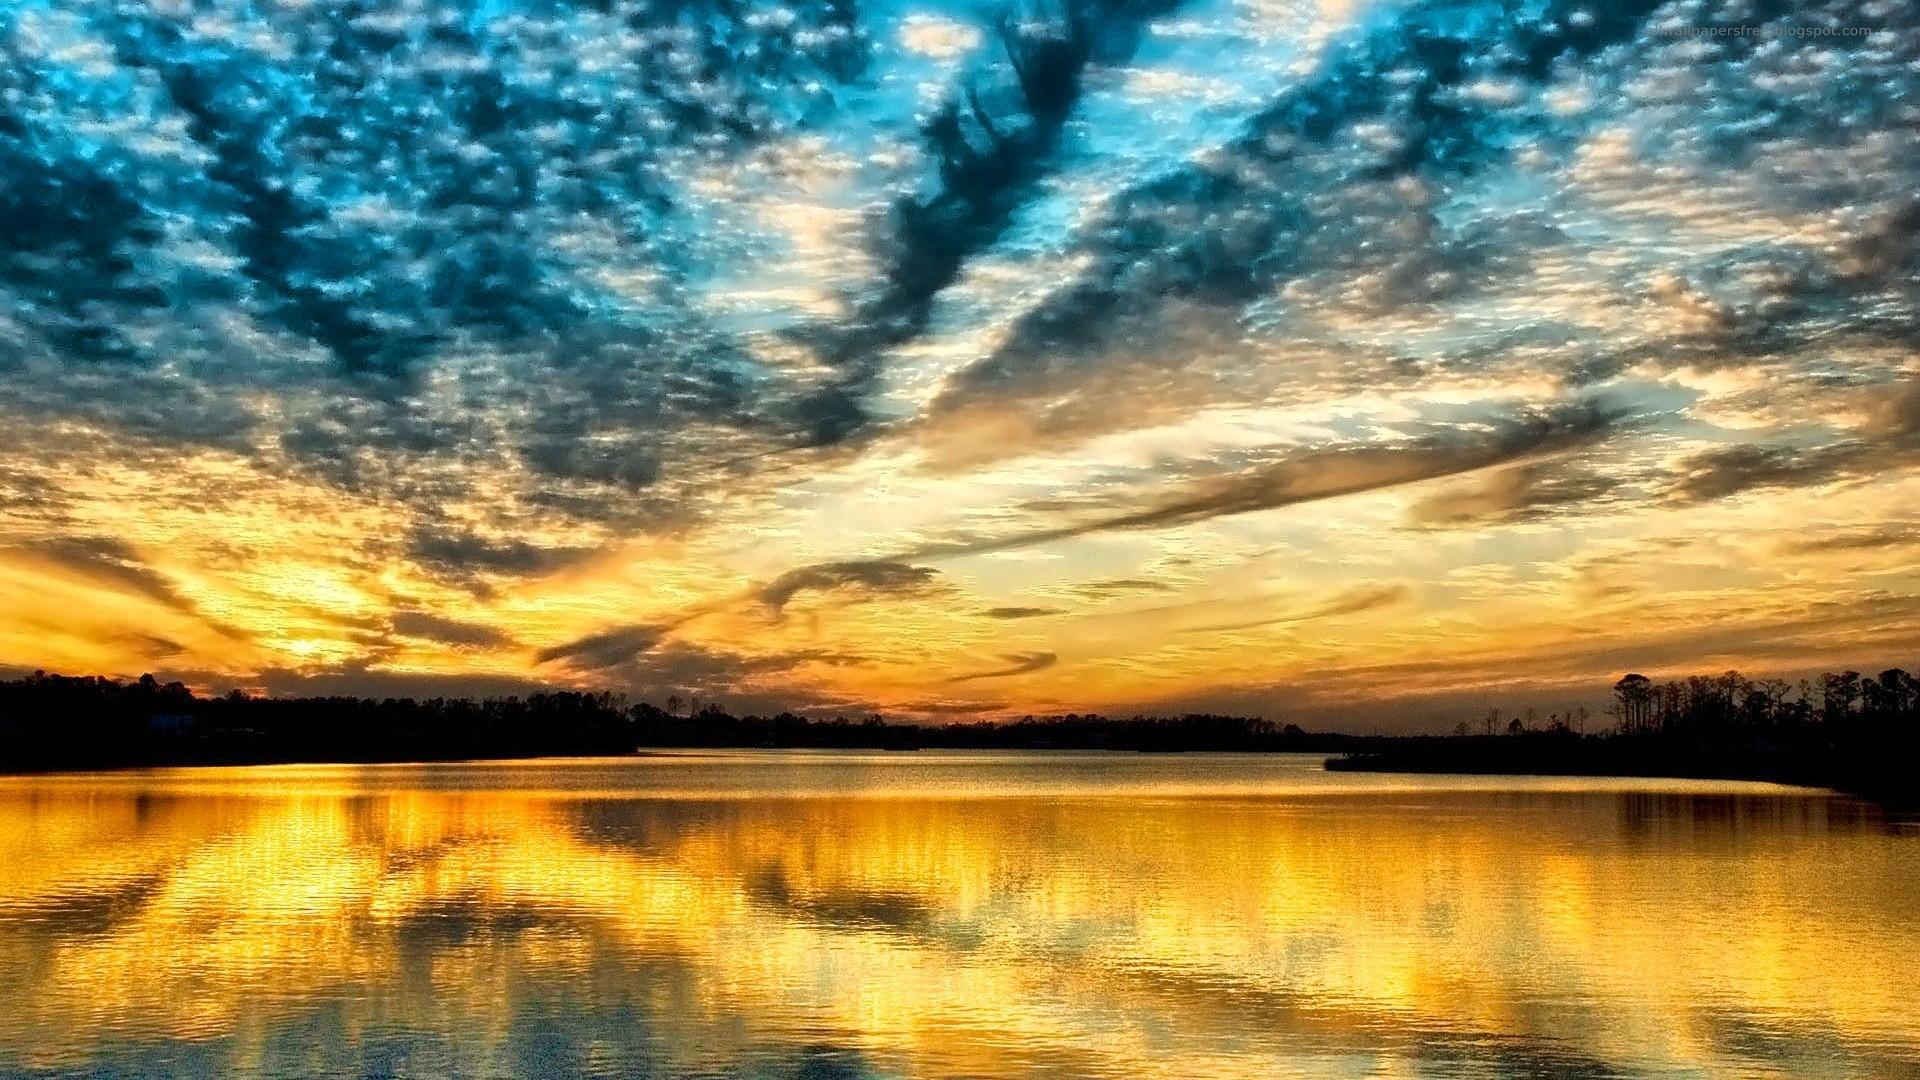 SunSet   Sunsets and Sunrises Wallpaper 19955133 Beautiful 1920x1080